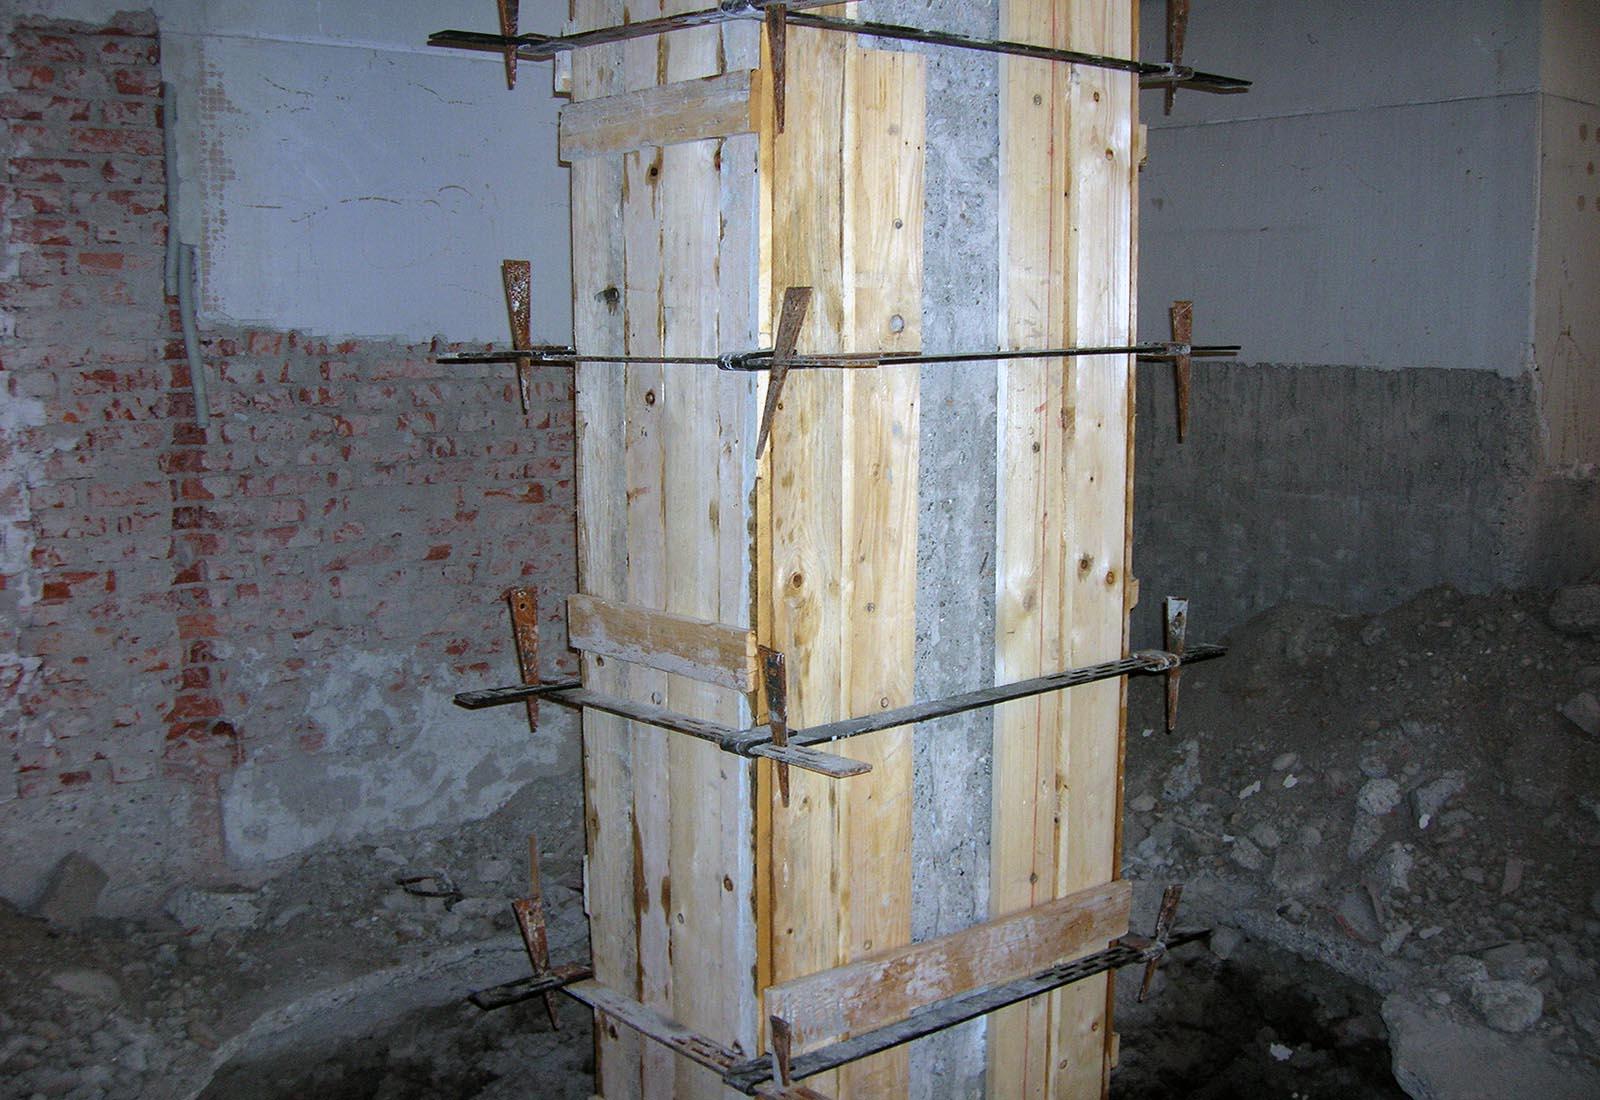 Polo scolastico Manzoni - Rinforzo strutturale dei pilastri